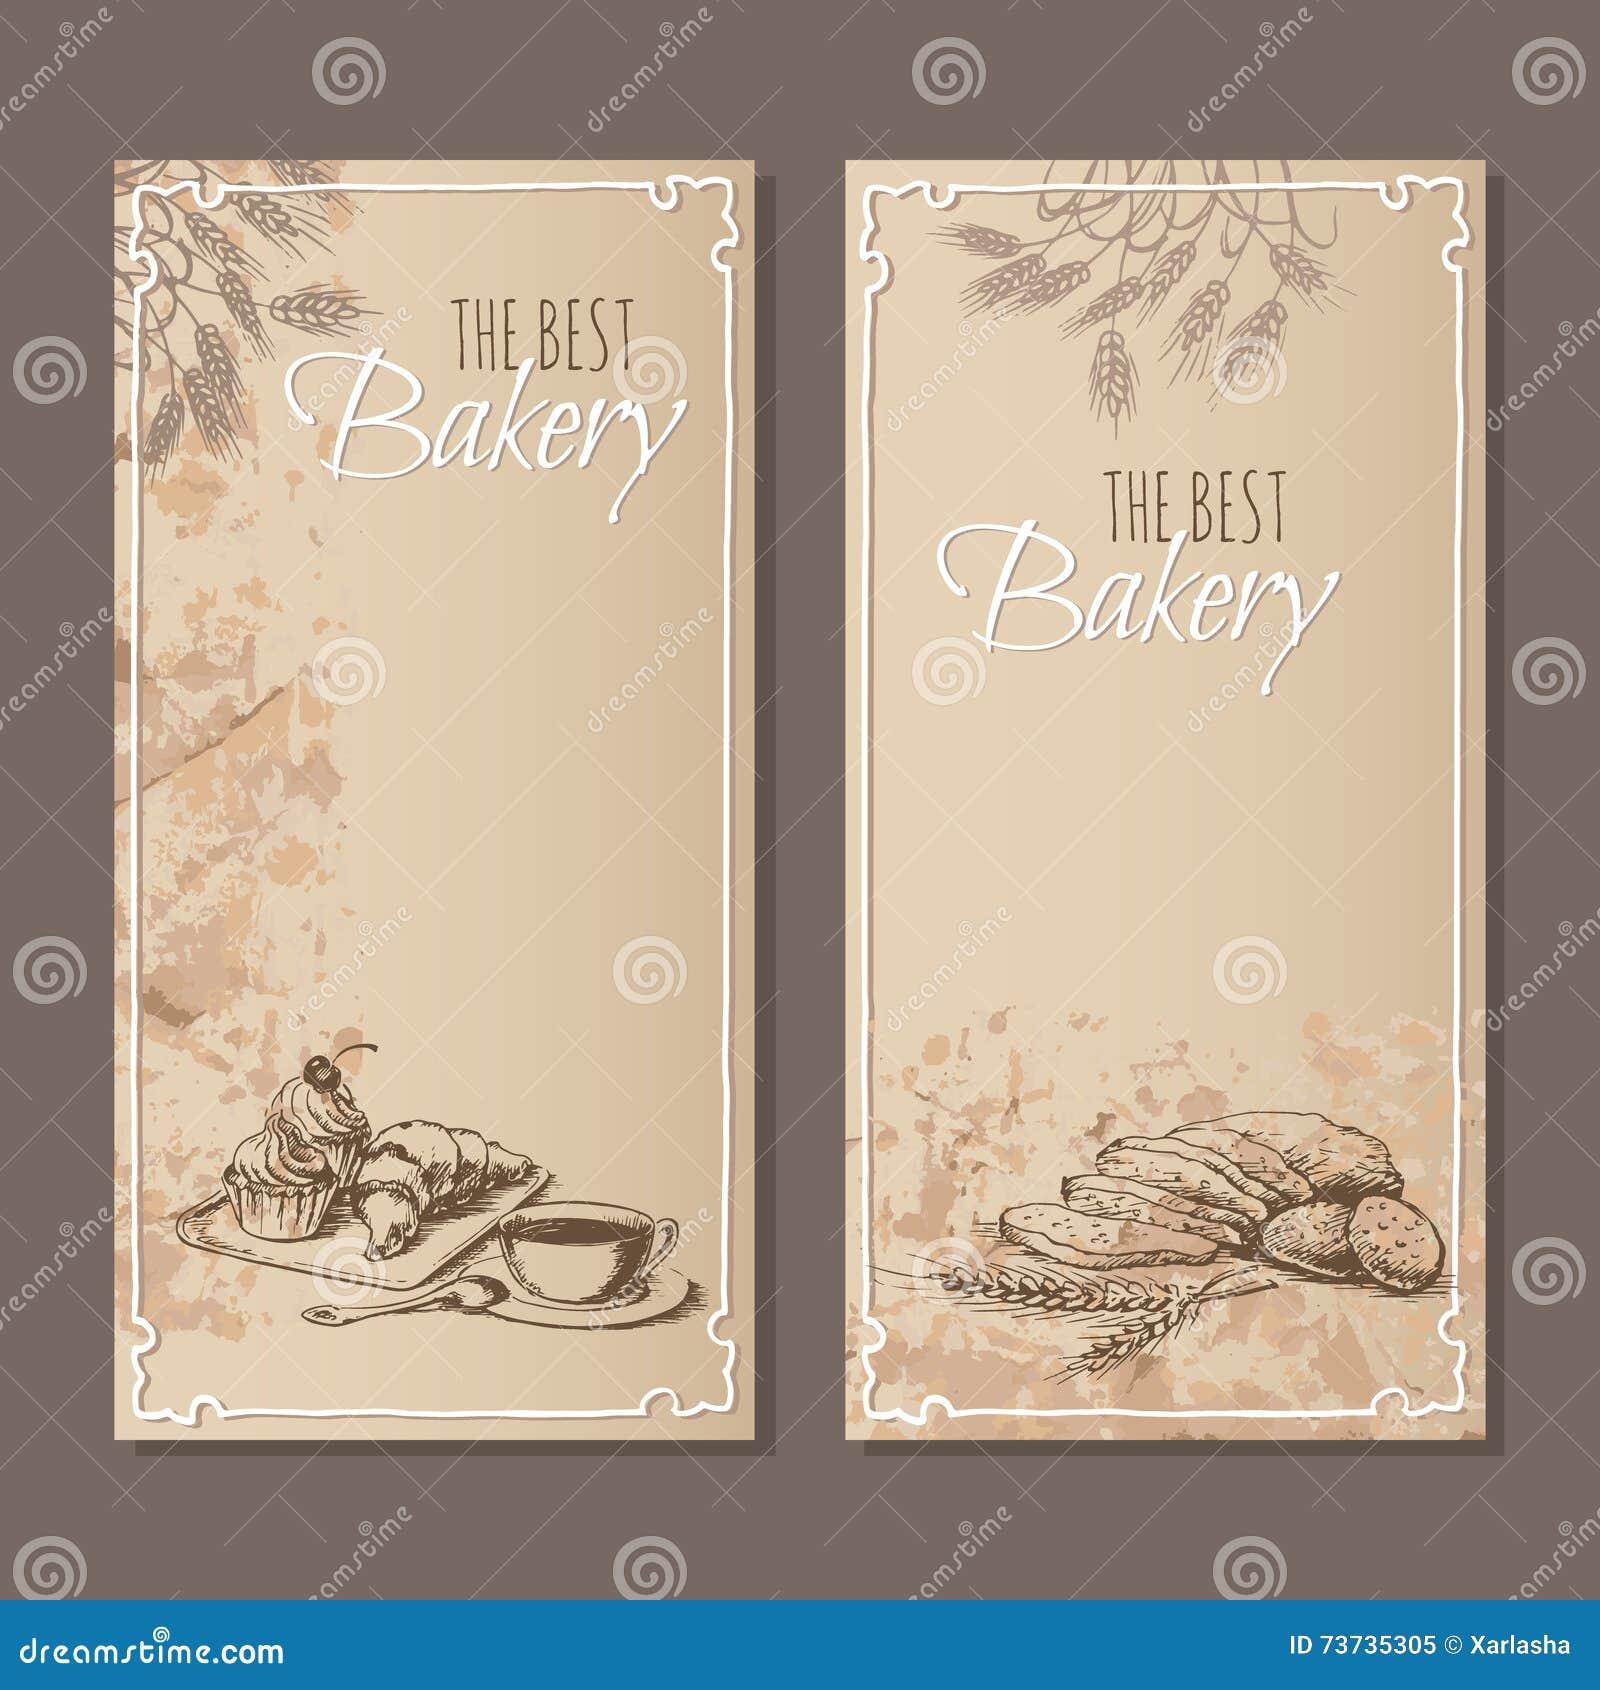 Carte Boulangerie.Les Meilleures Cartes De Boulangerie Le Menu Carde Le Croquis